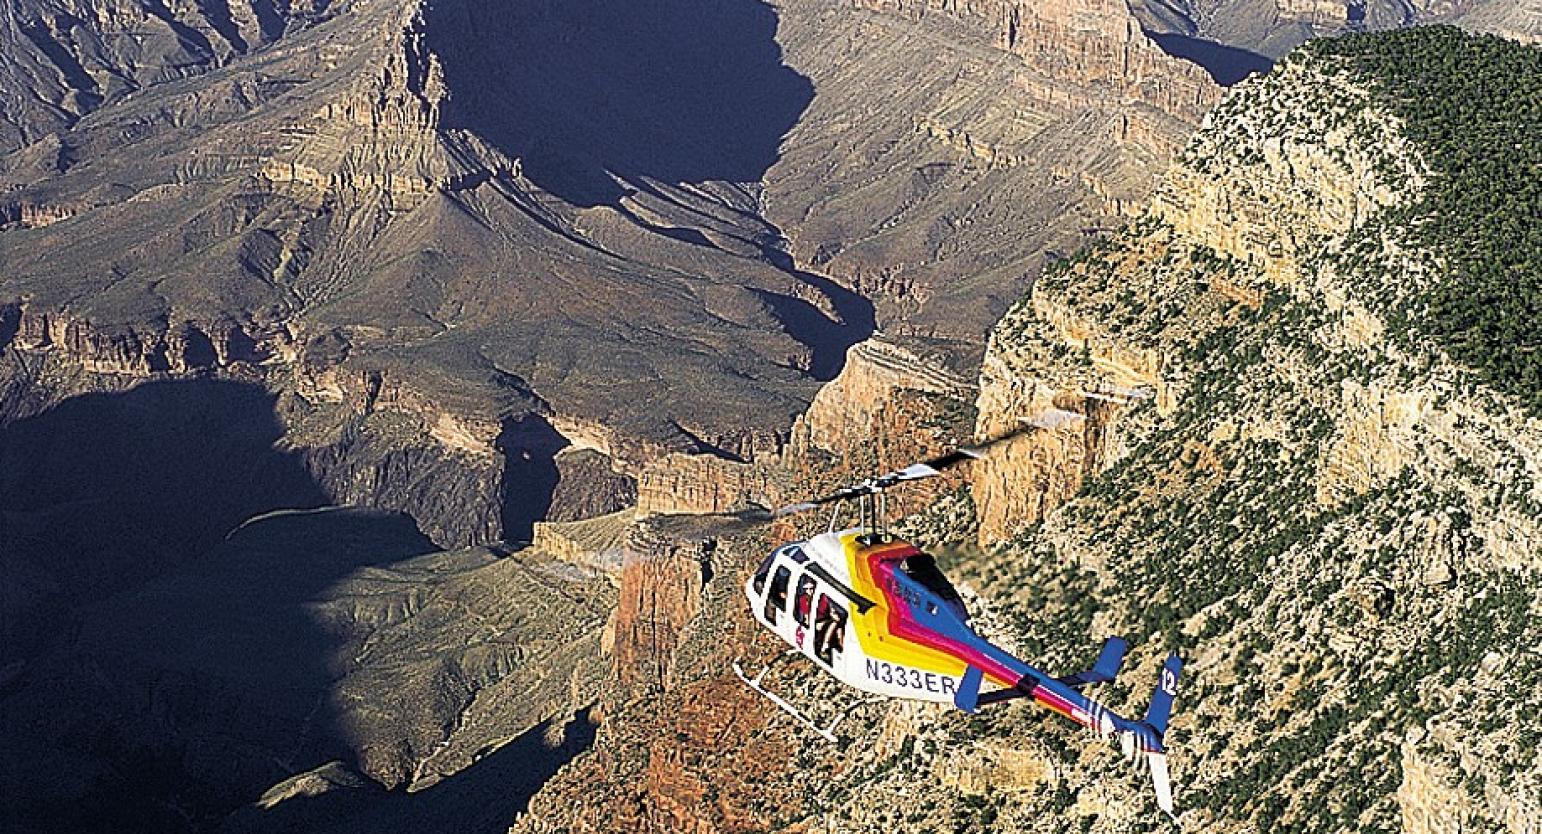 North Canyon Family Flight